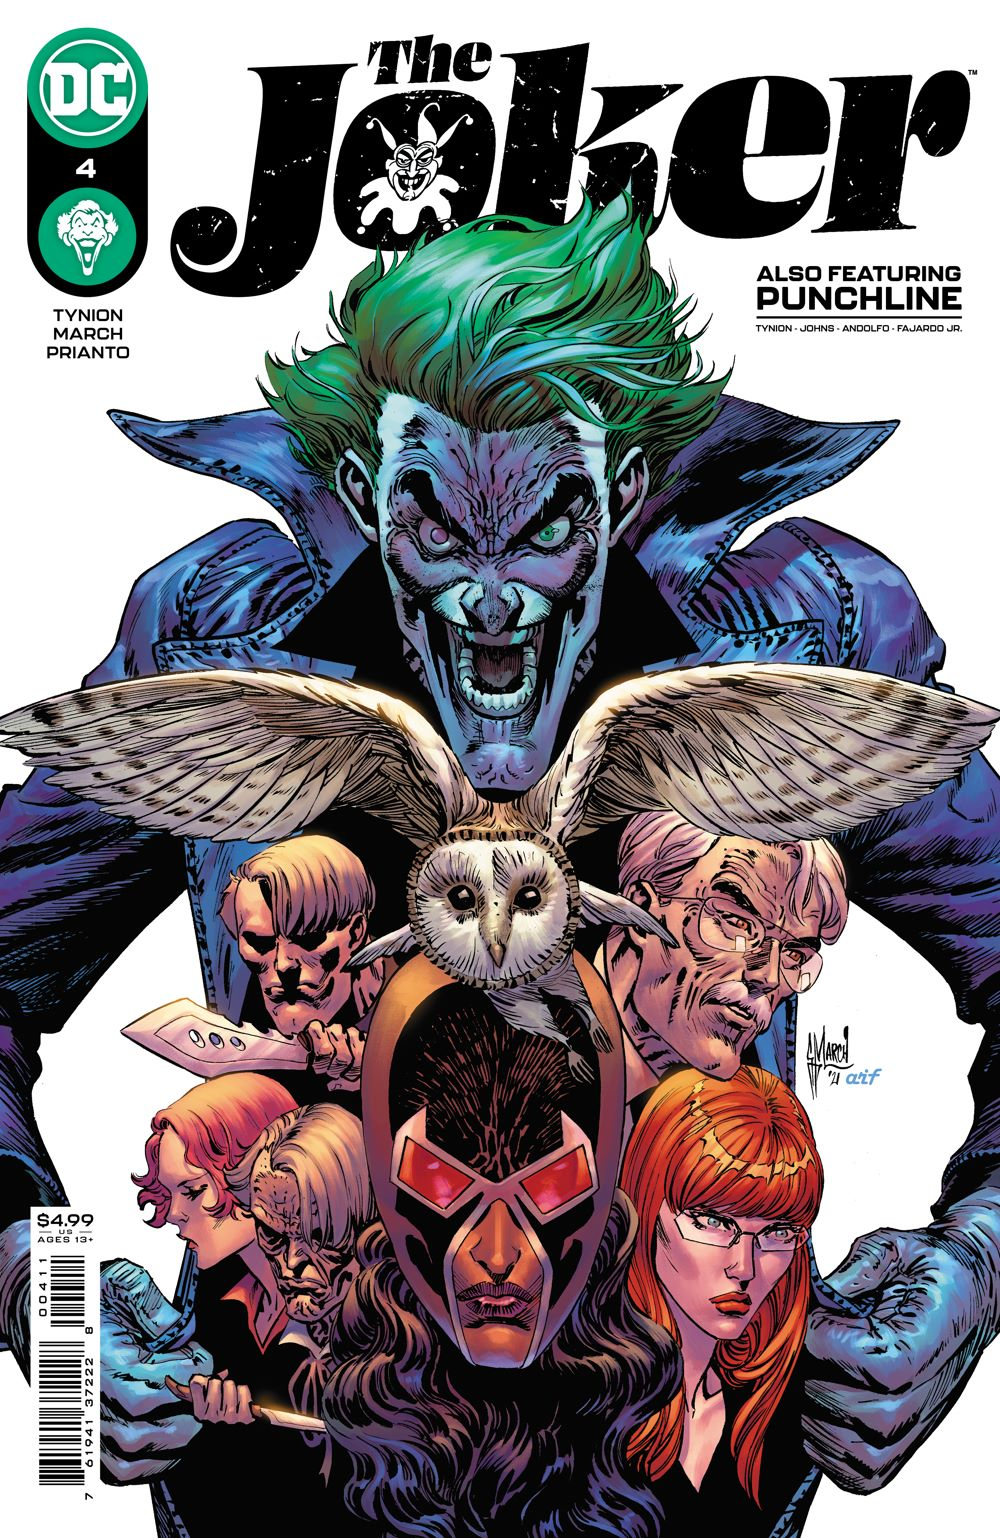 THEJOKER_Cv4 DC Comics June 2021 Solicitations